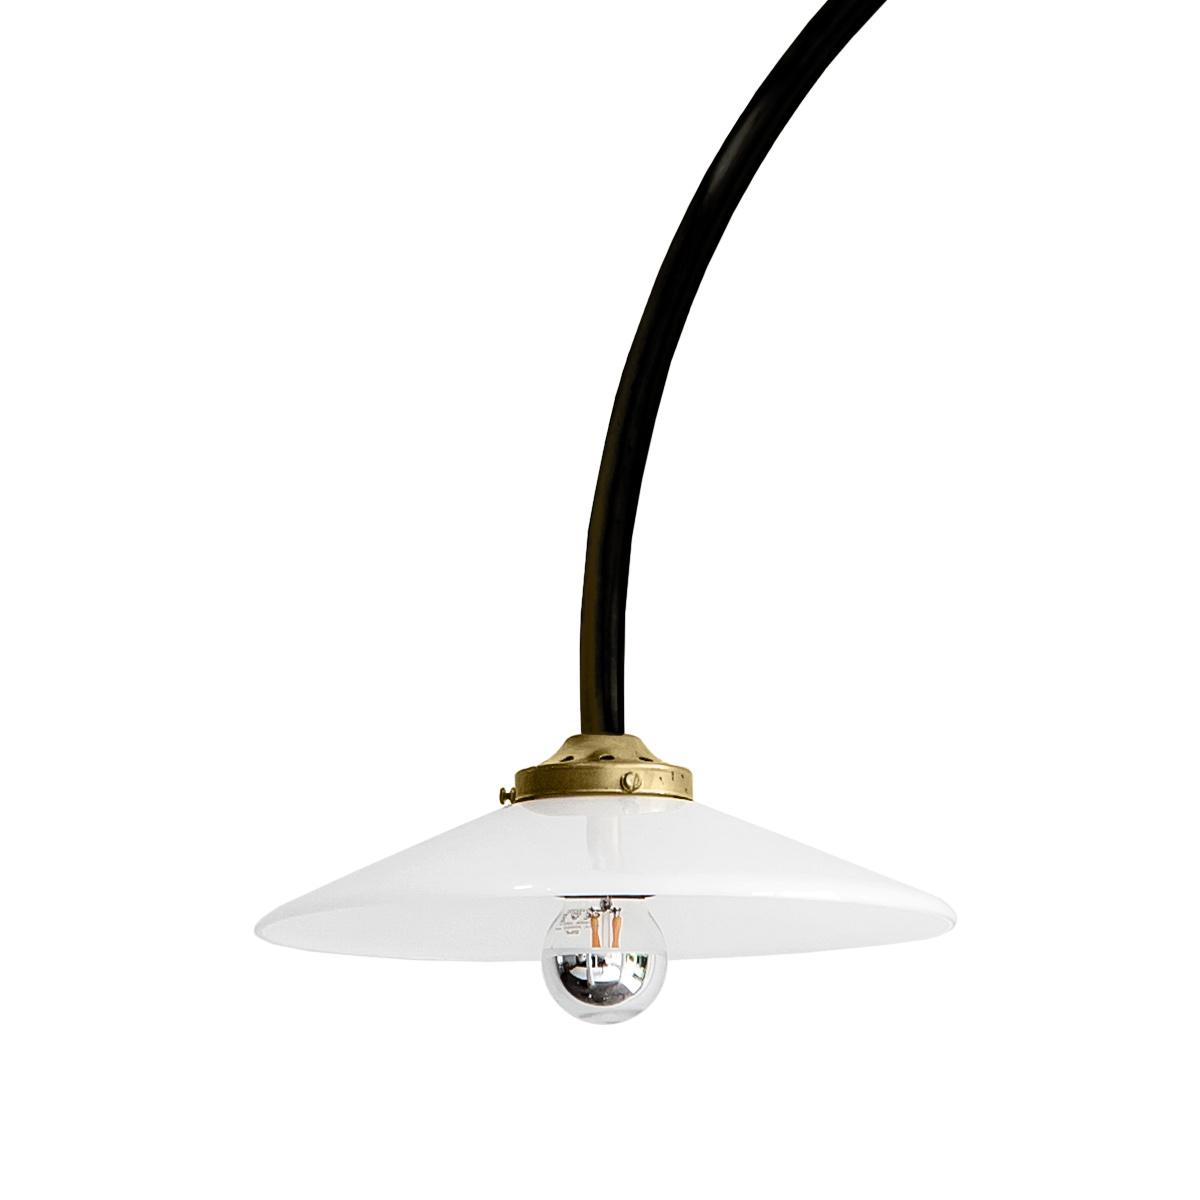 Hanging Lamp No. 2-11